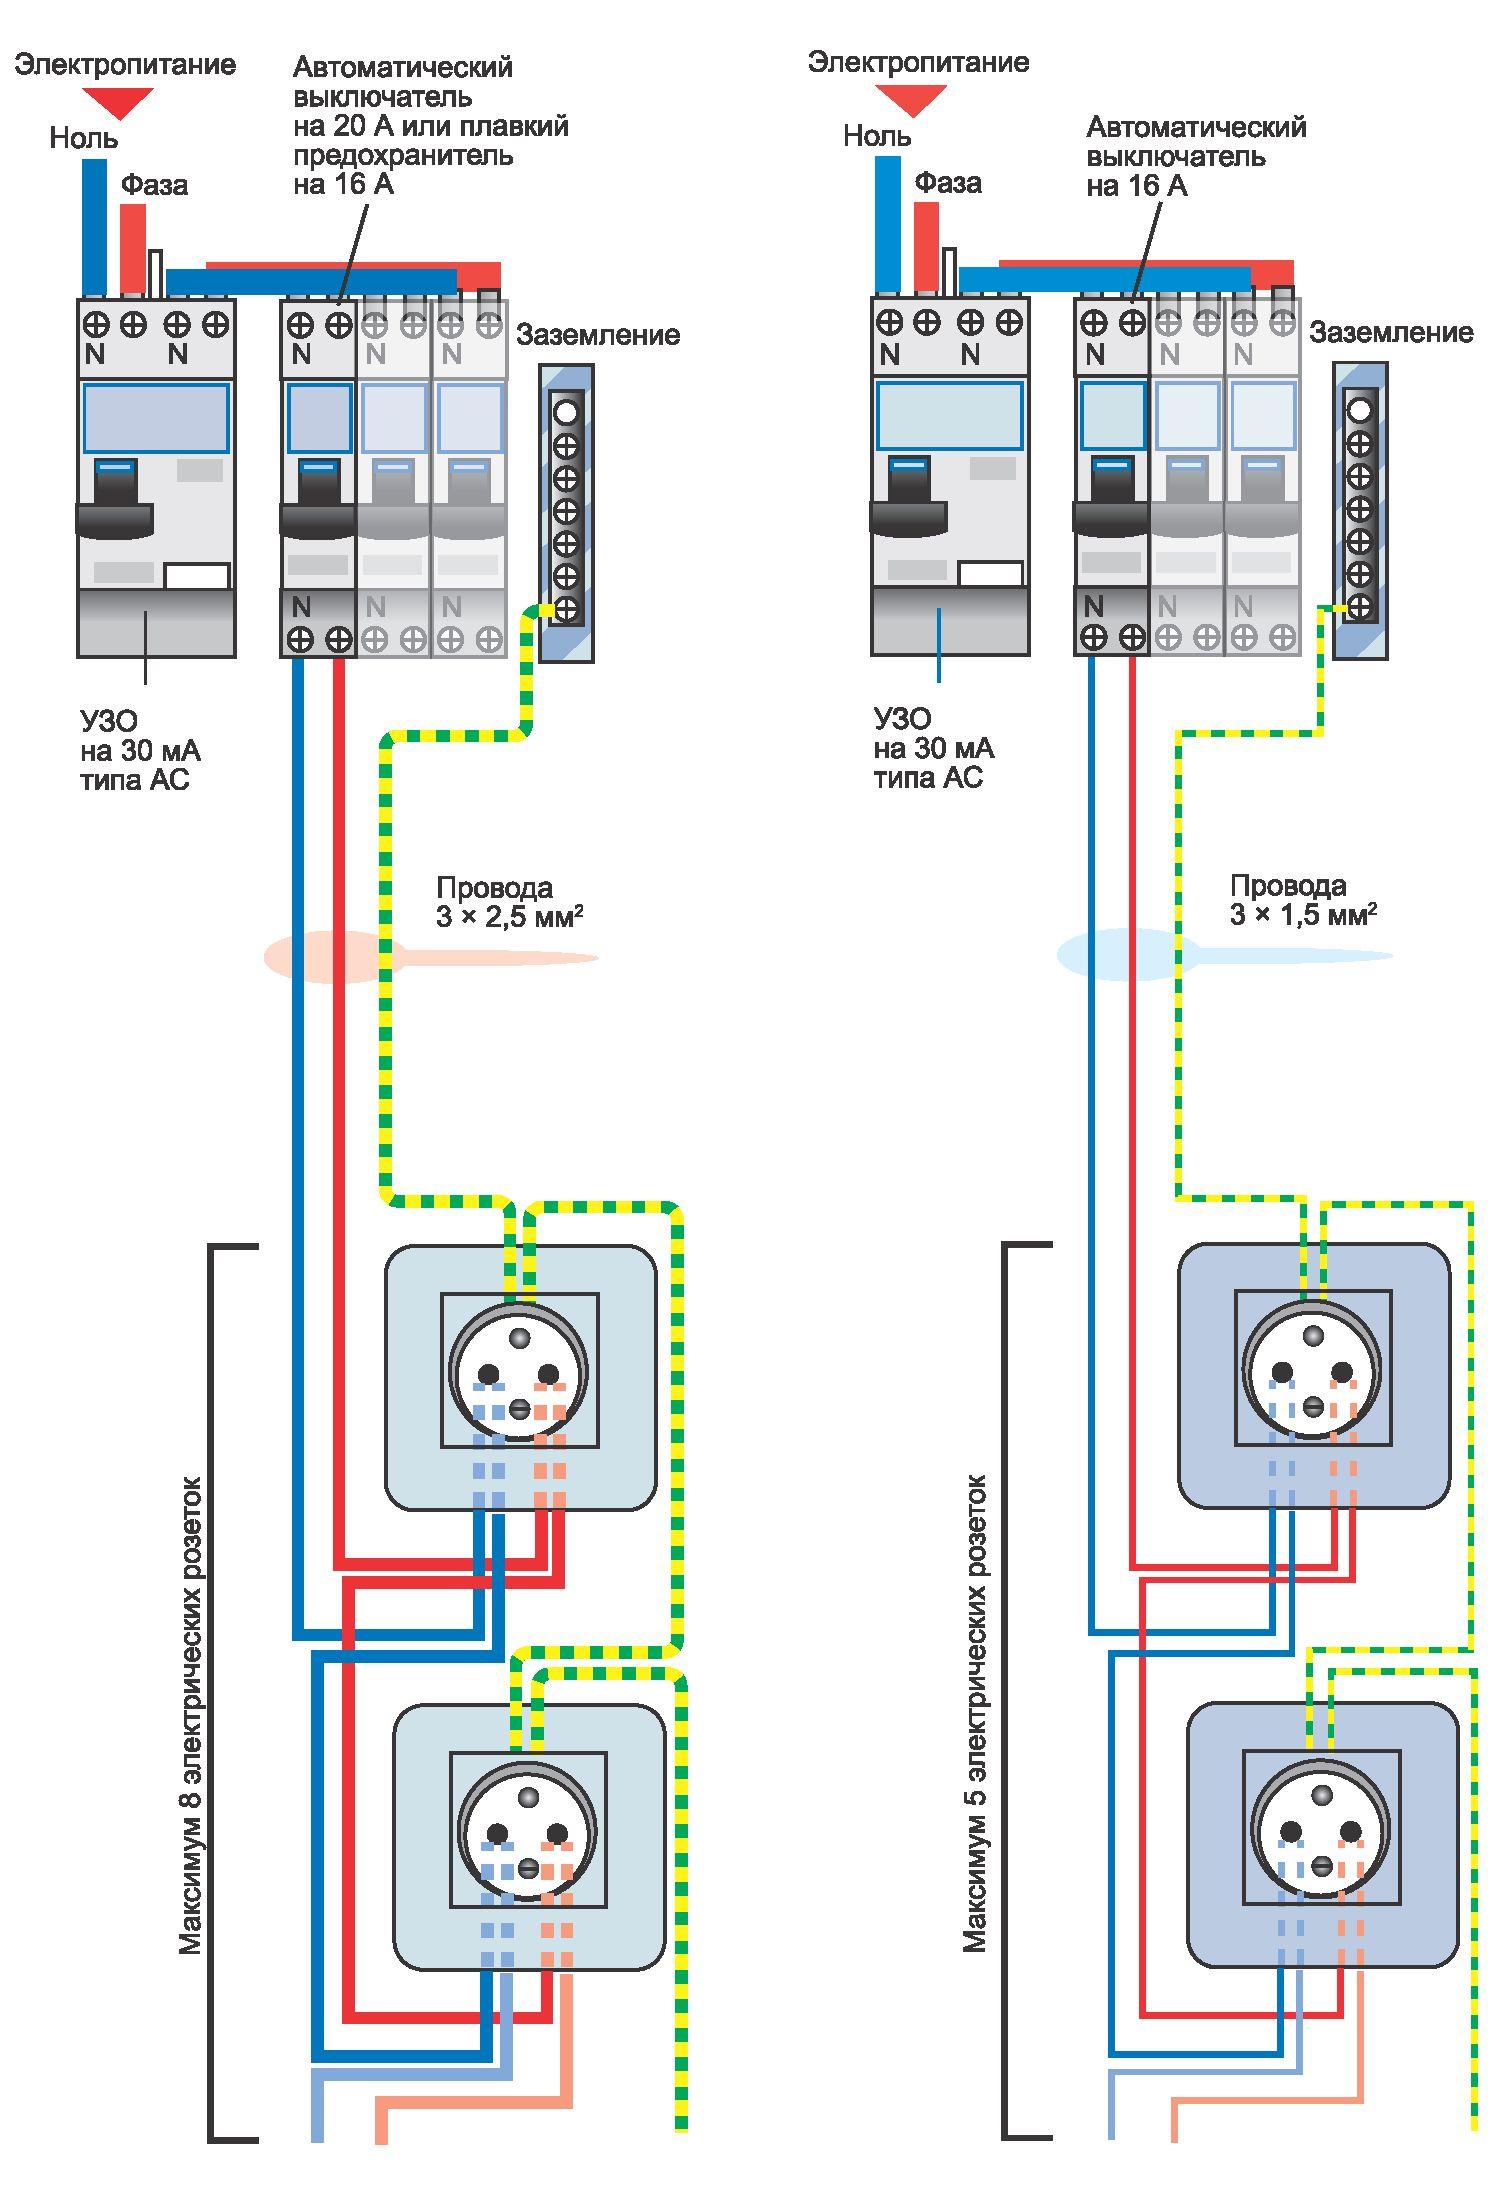 Схема подключения розеток и выключателей в квартире от разных фаз